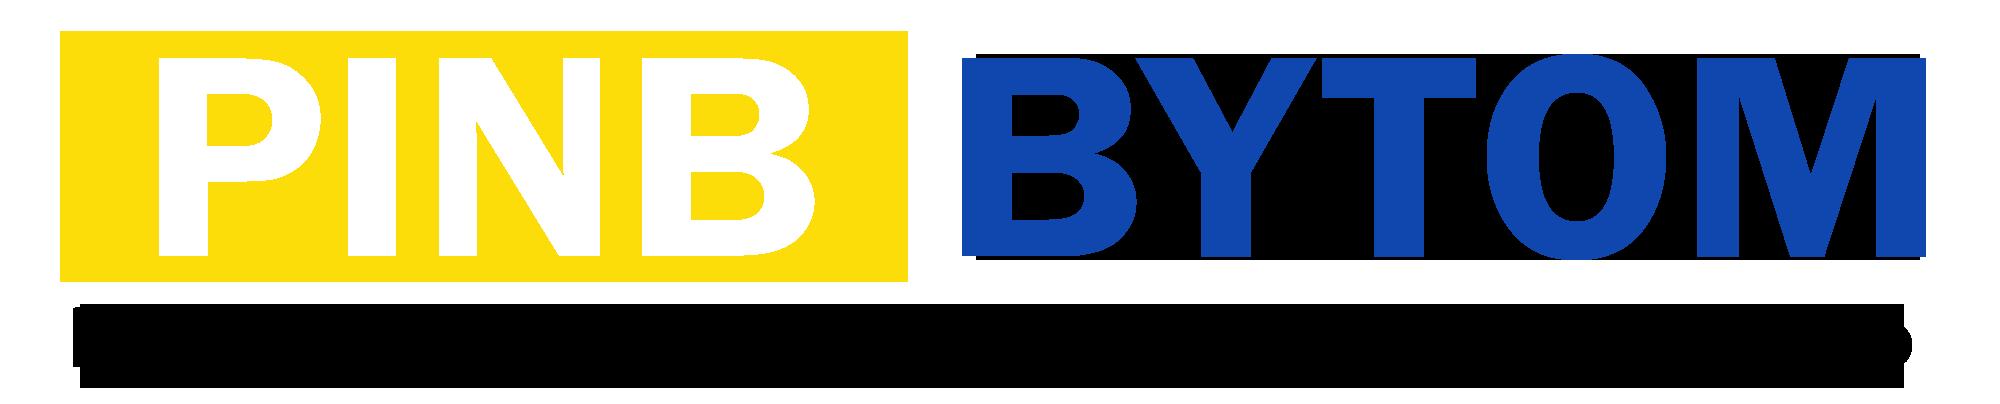 PINB - Bytom